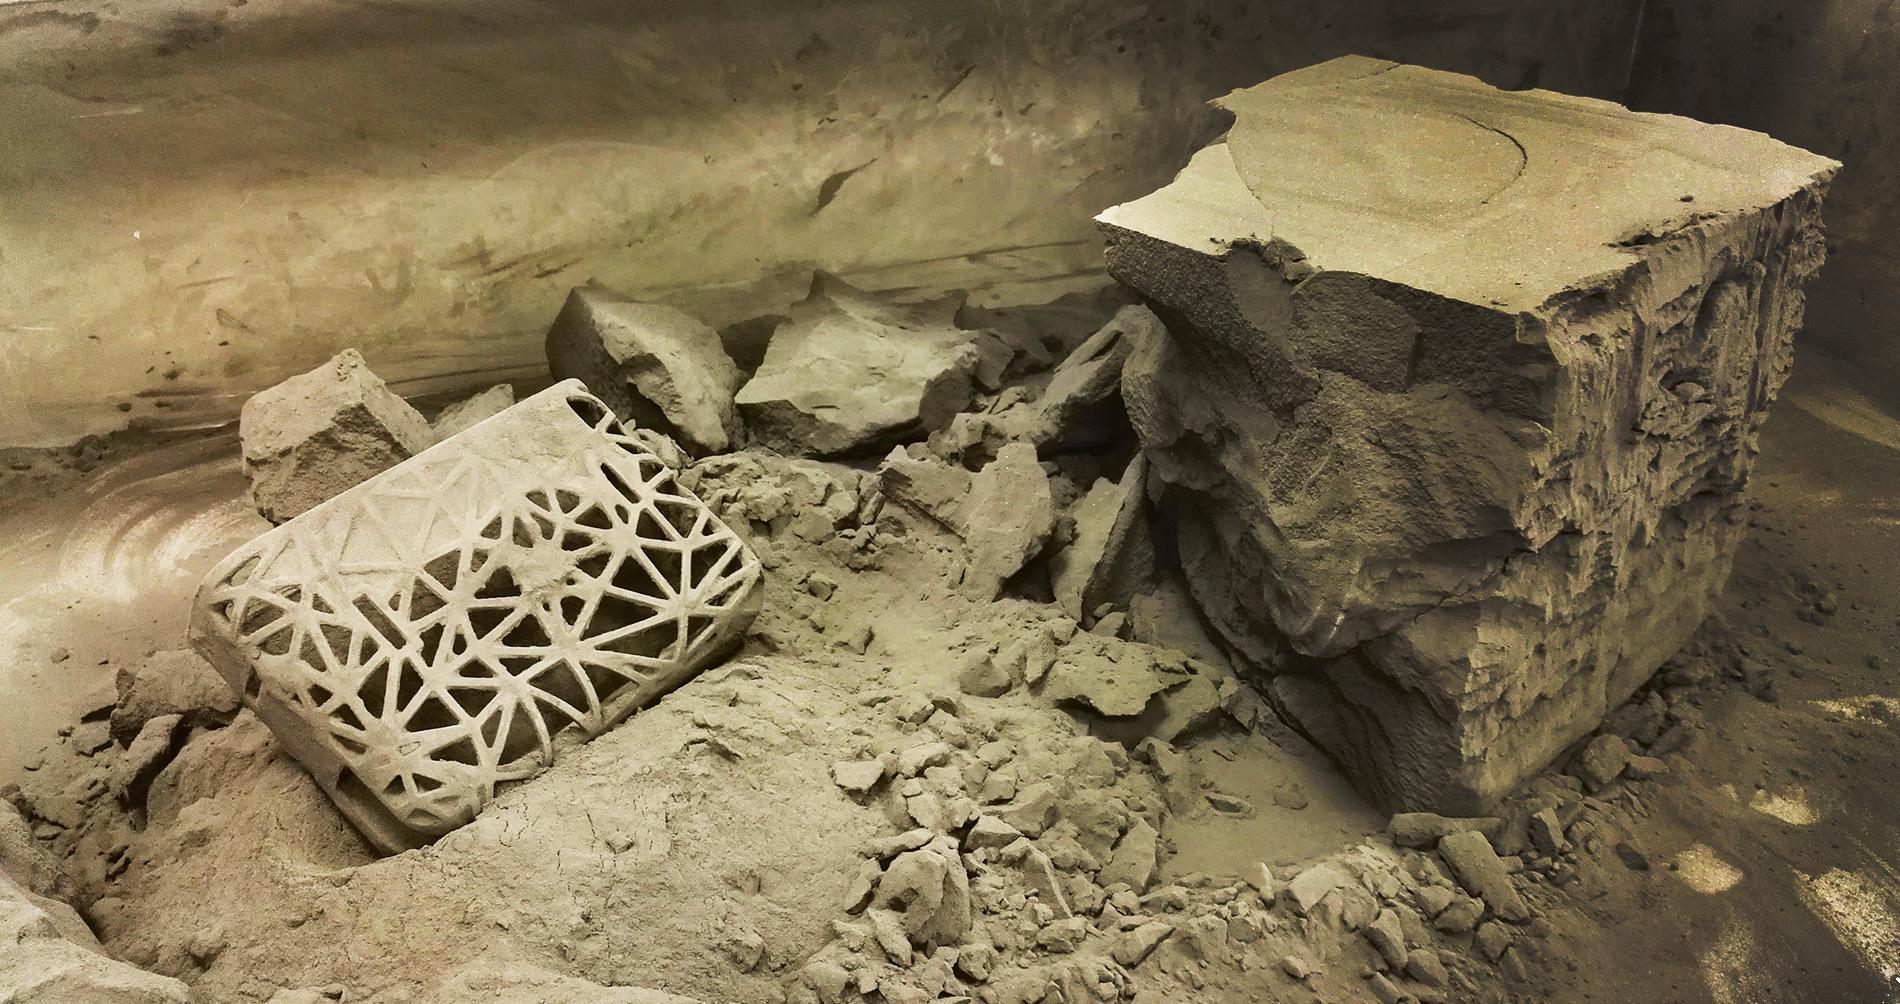 DADA_3Dprinting_story2